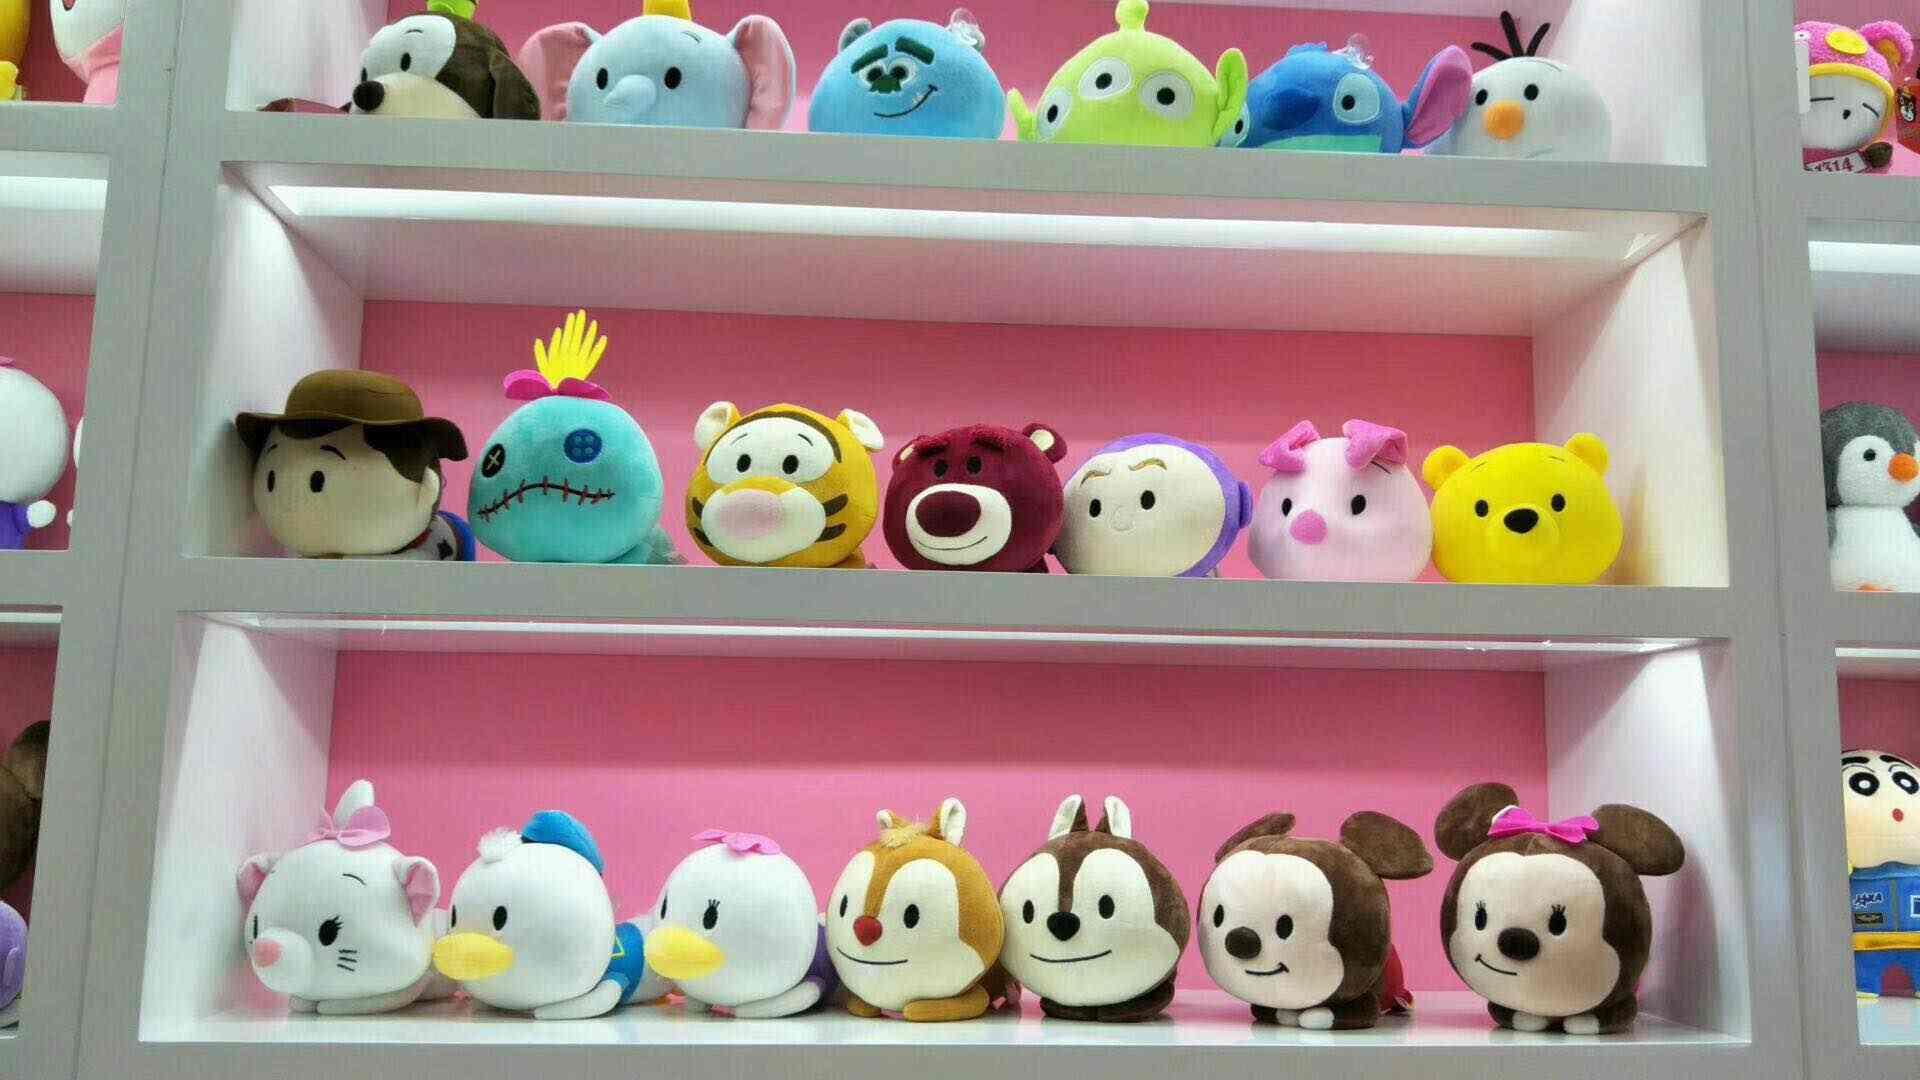 Tela de borracha Genuine Da Disney mickey De Pelúcia Boneca Peluche Anime Parágrafo Oyuncak brinquedo Mini 9 CENTÍMETROS Animal Dos Desenhos Animados presente das crianças